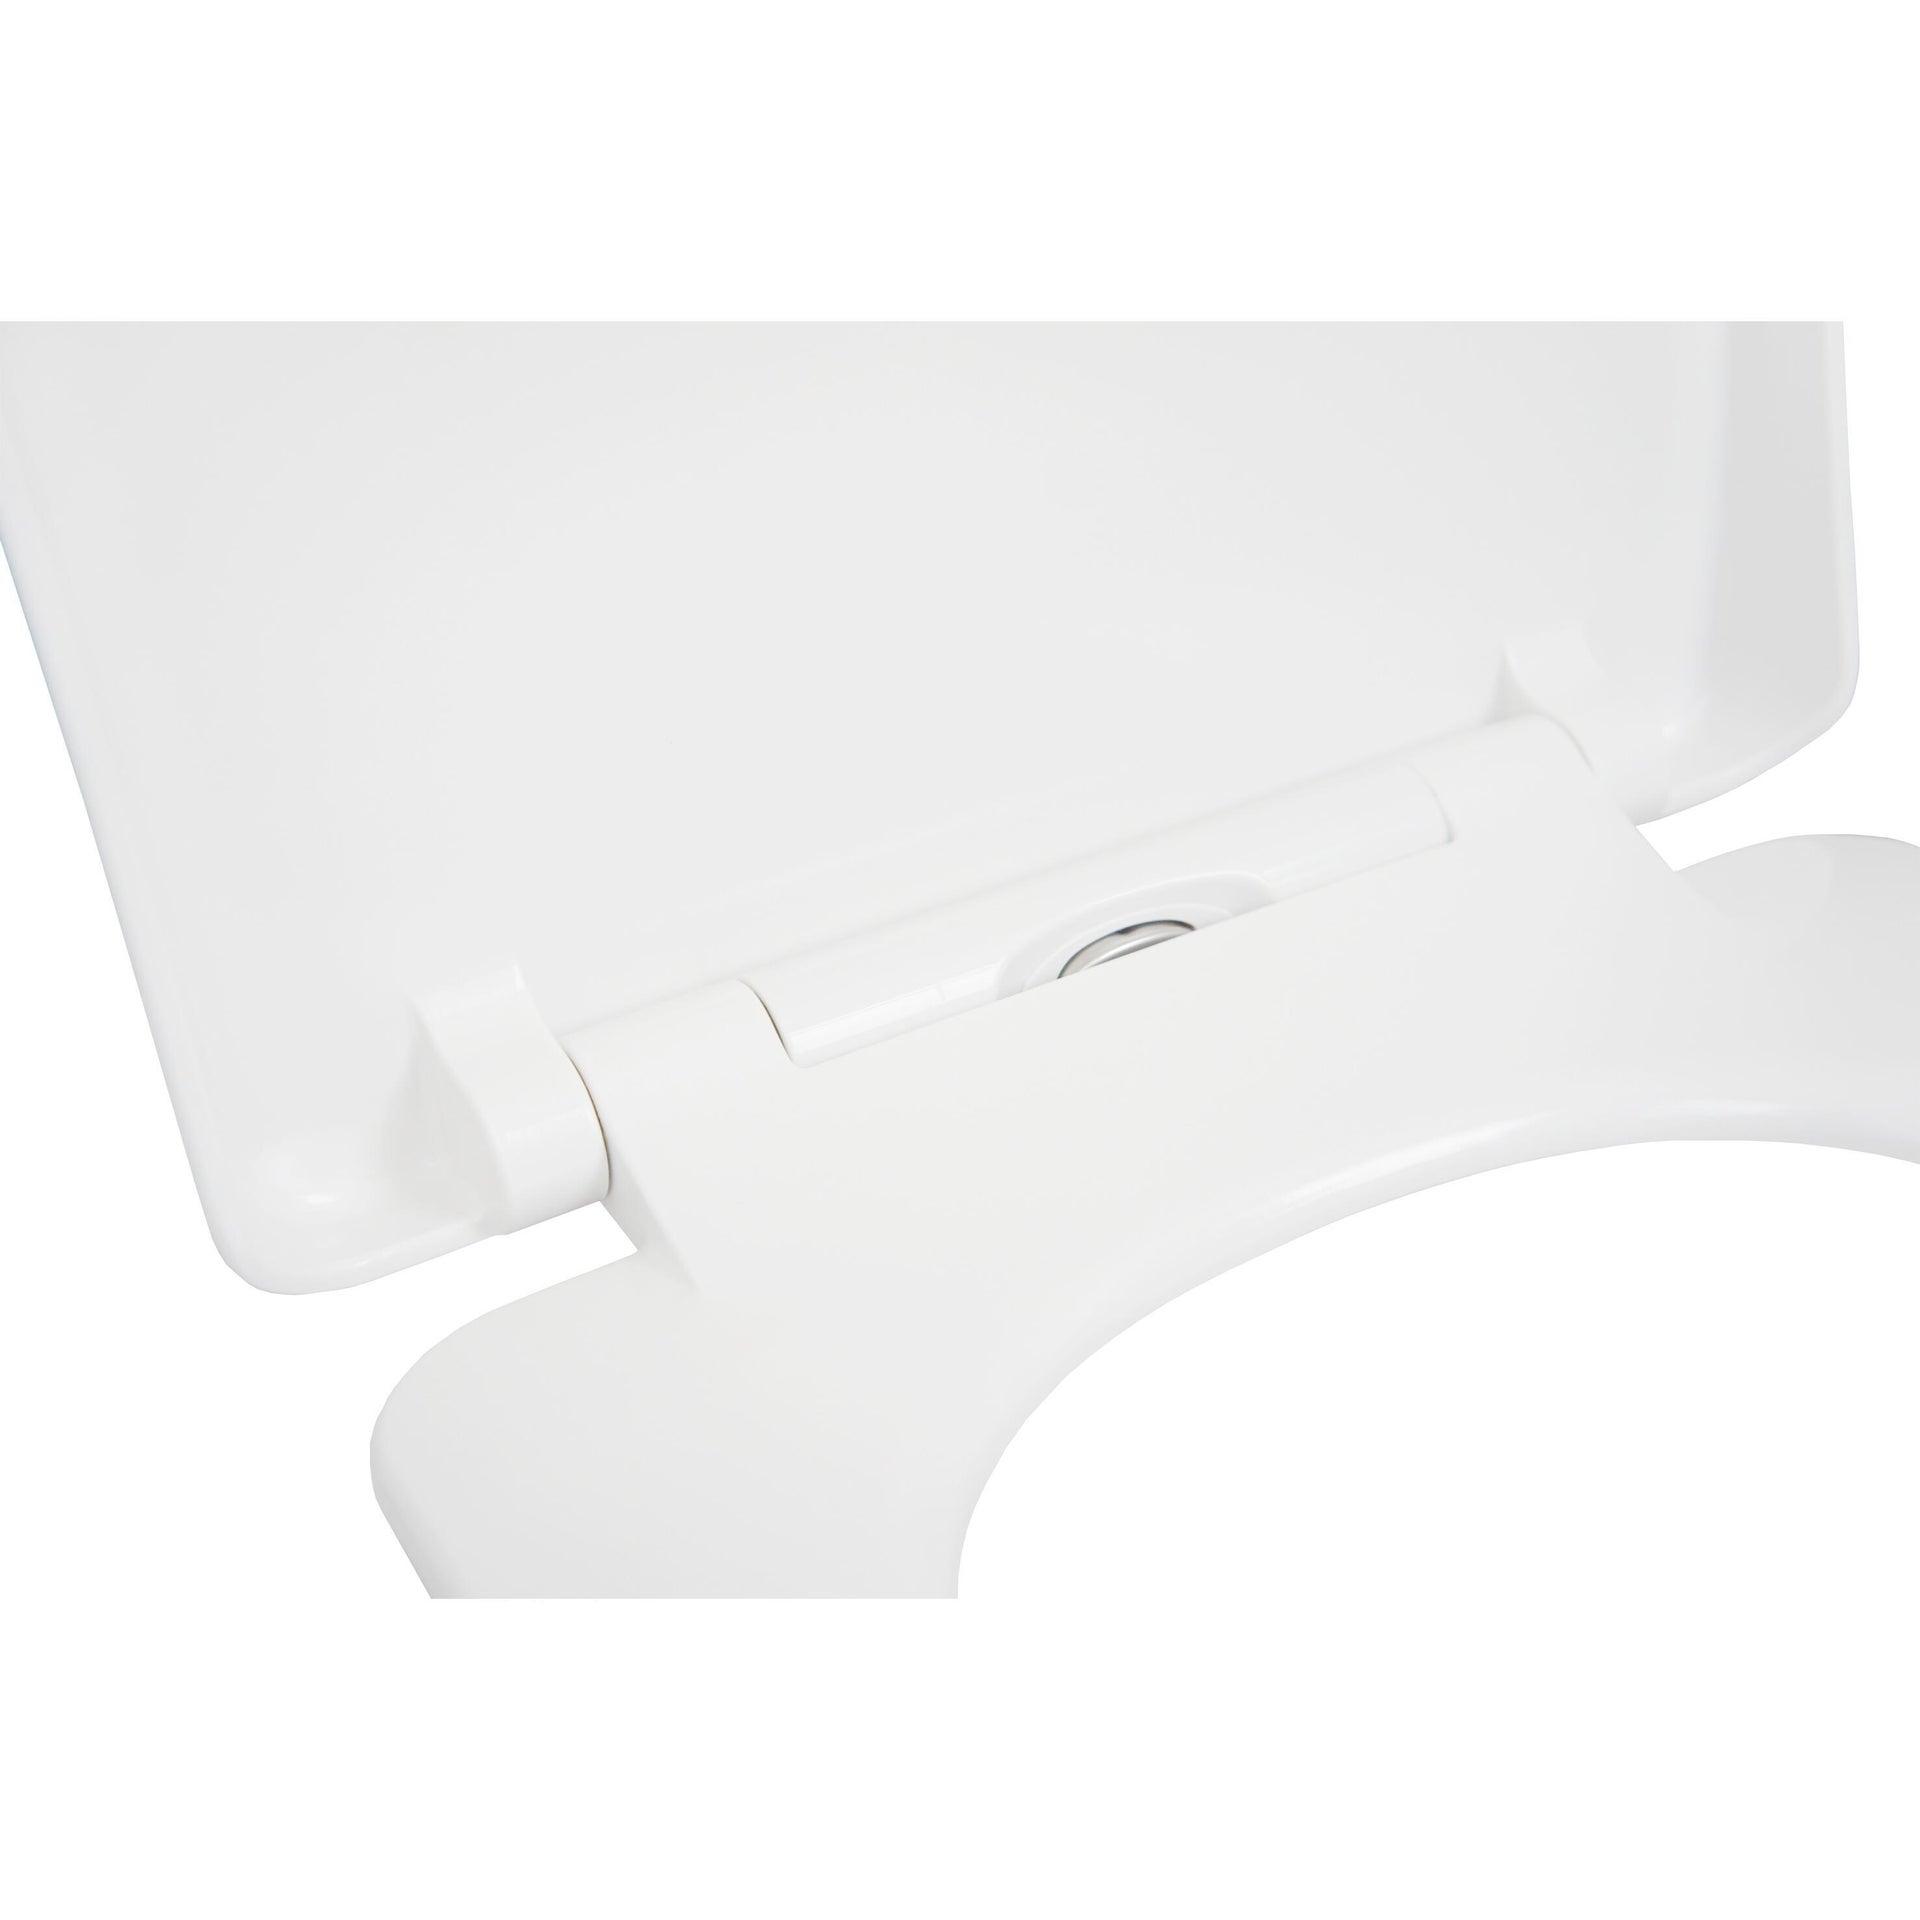 Copriwater rettangolare Universale Remix SENSEA duroplast bianco - 4